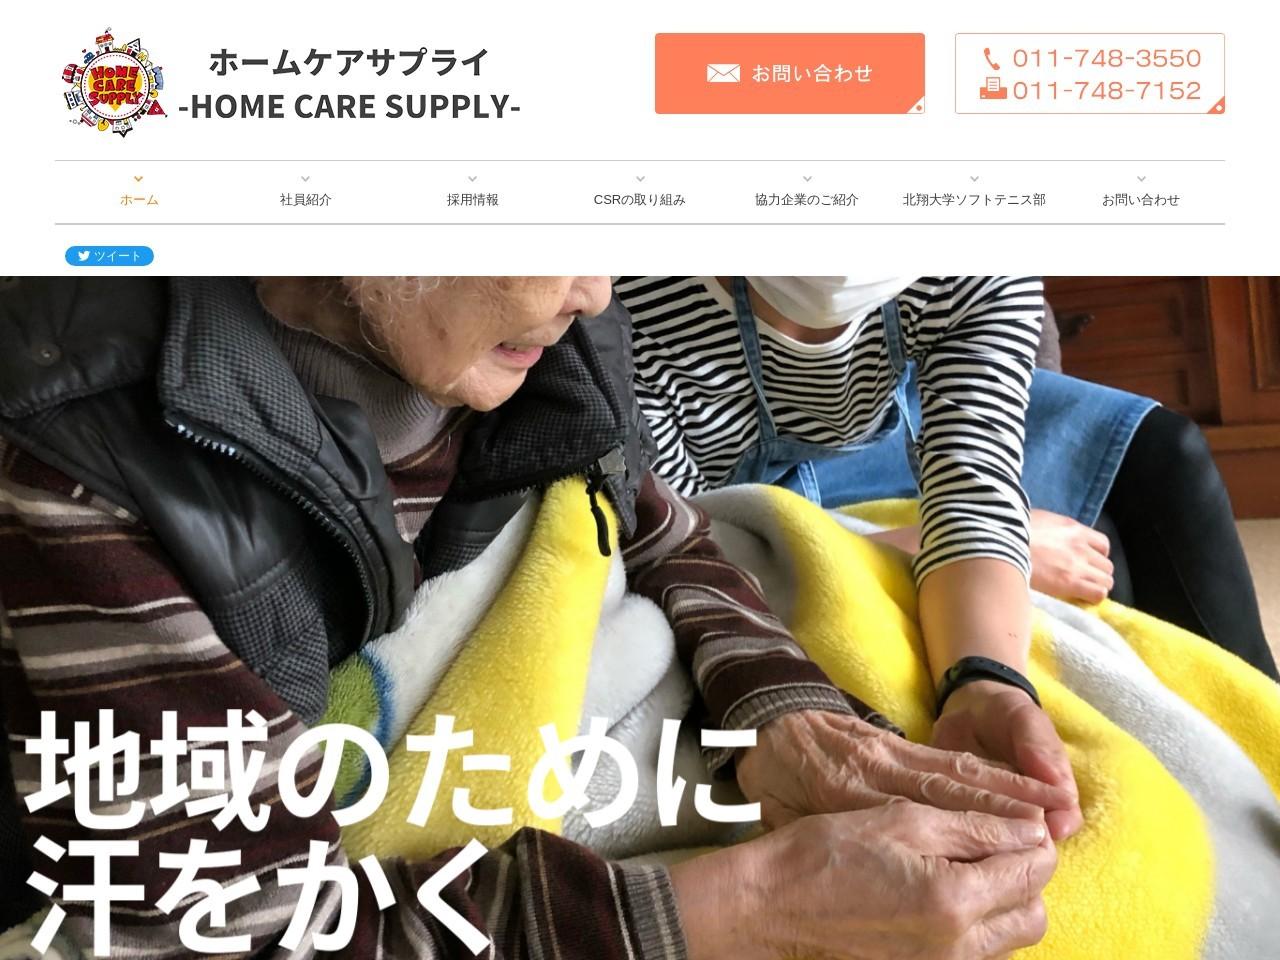 札幌市の居宅介護支援・訪問介護はホームケアサプライ